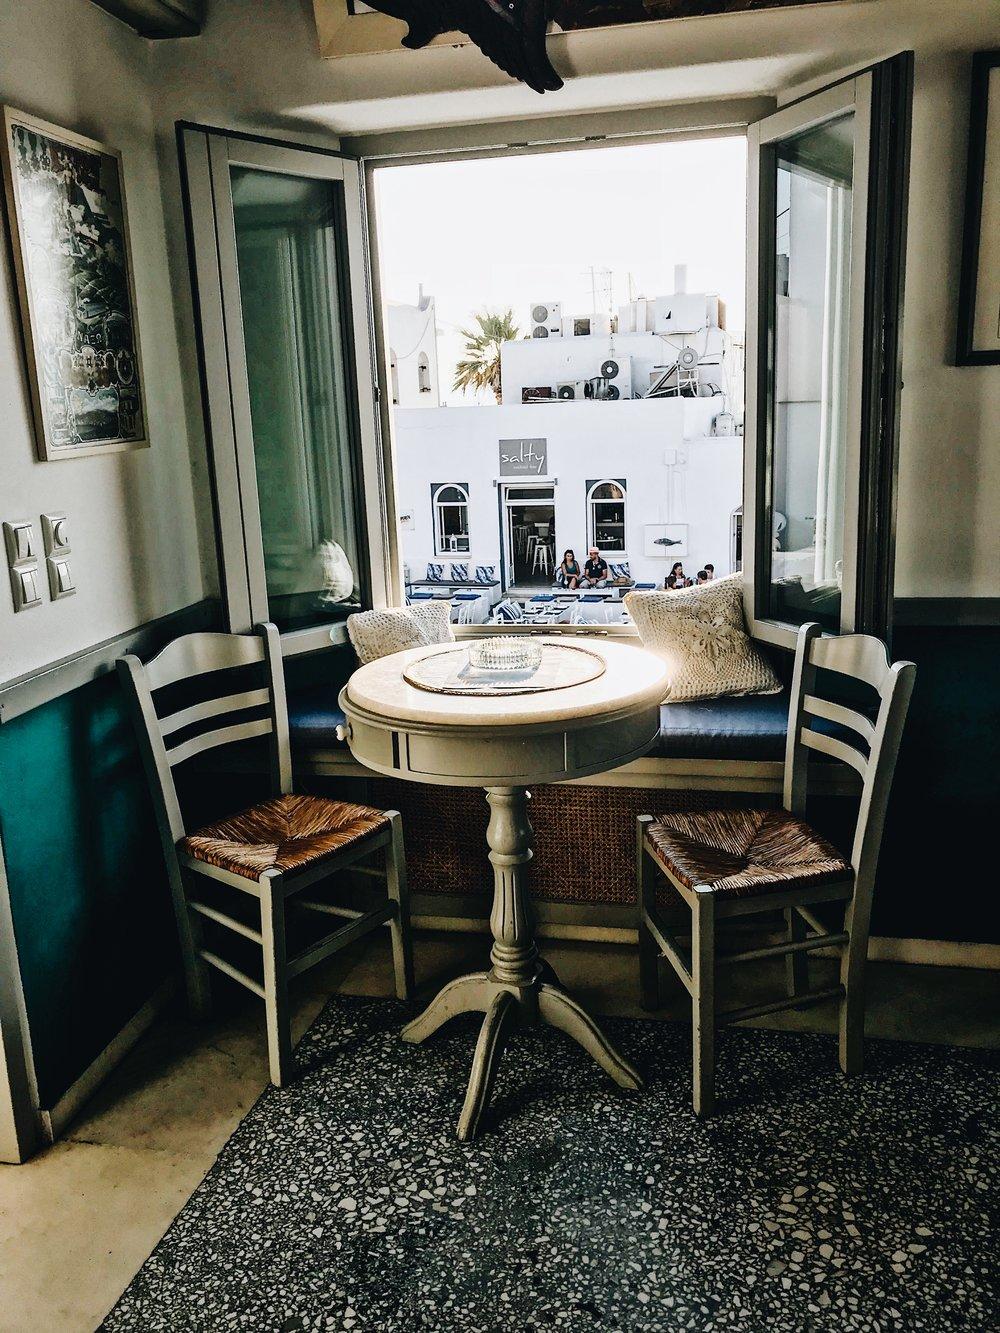 Sommaripa Consolato  cocktail bar in Naoussa, Paros